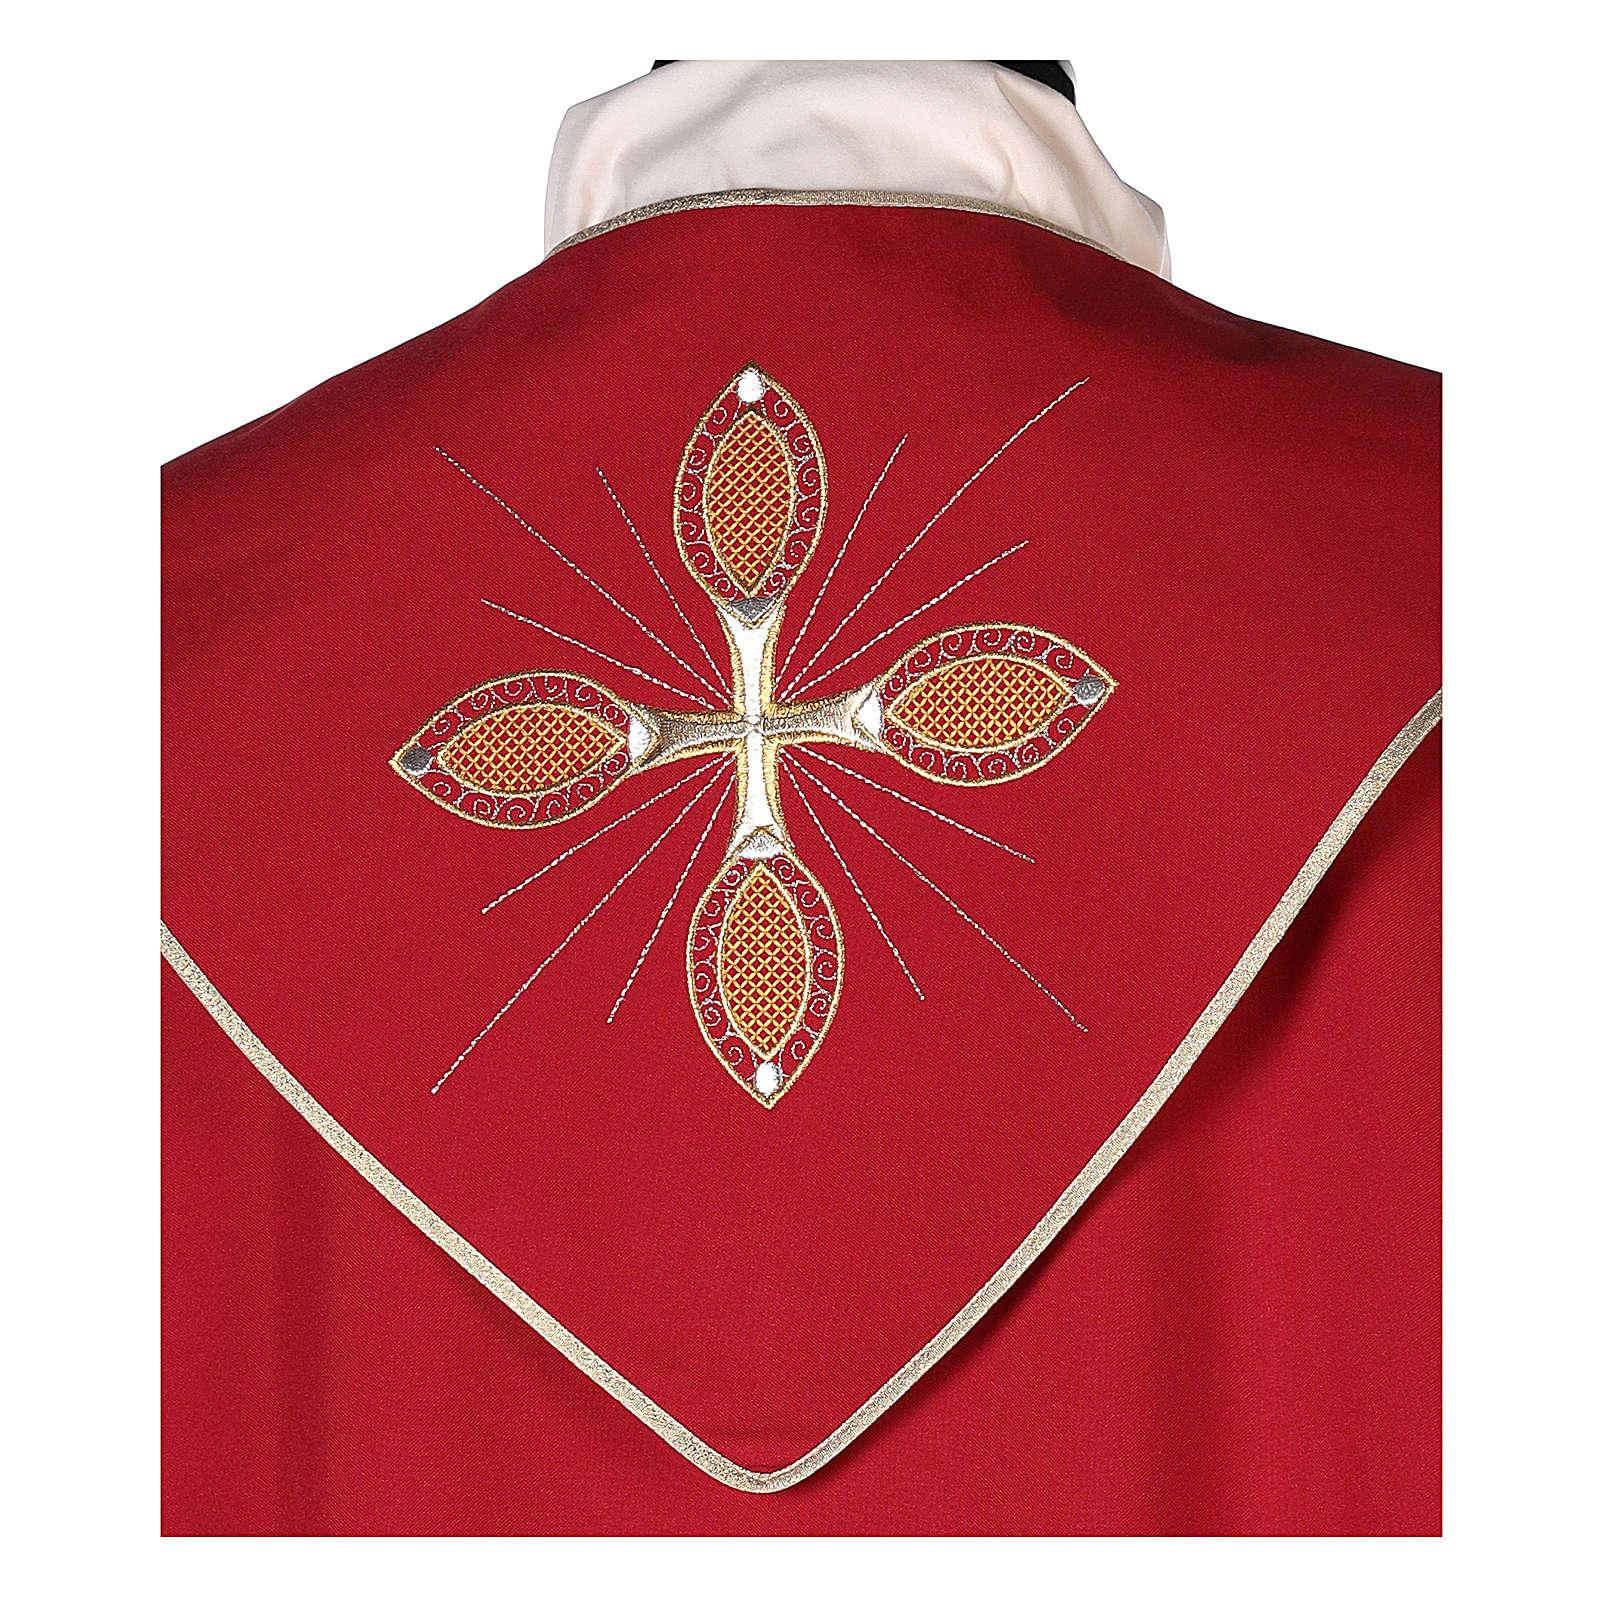 Chape 100% polyester brodée machine croix et riches motifs décoratifs 4